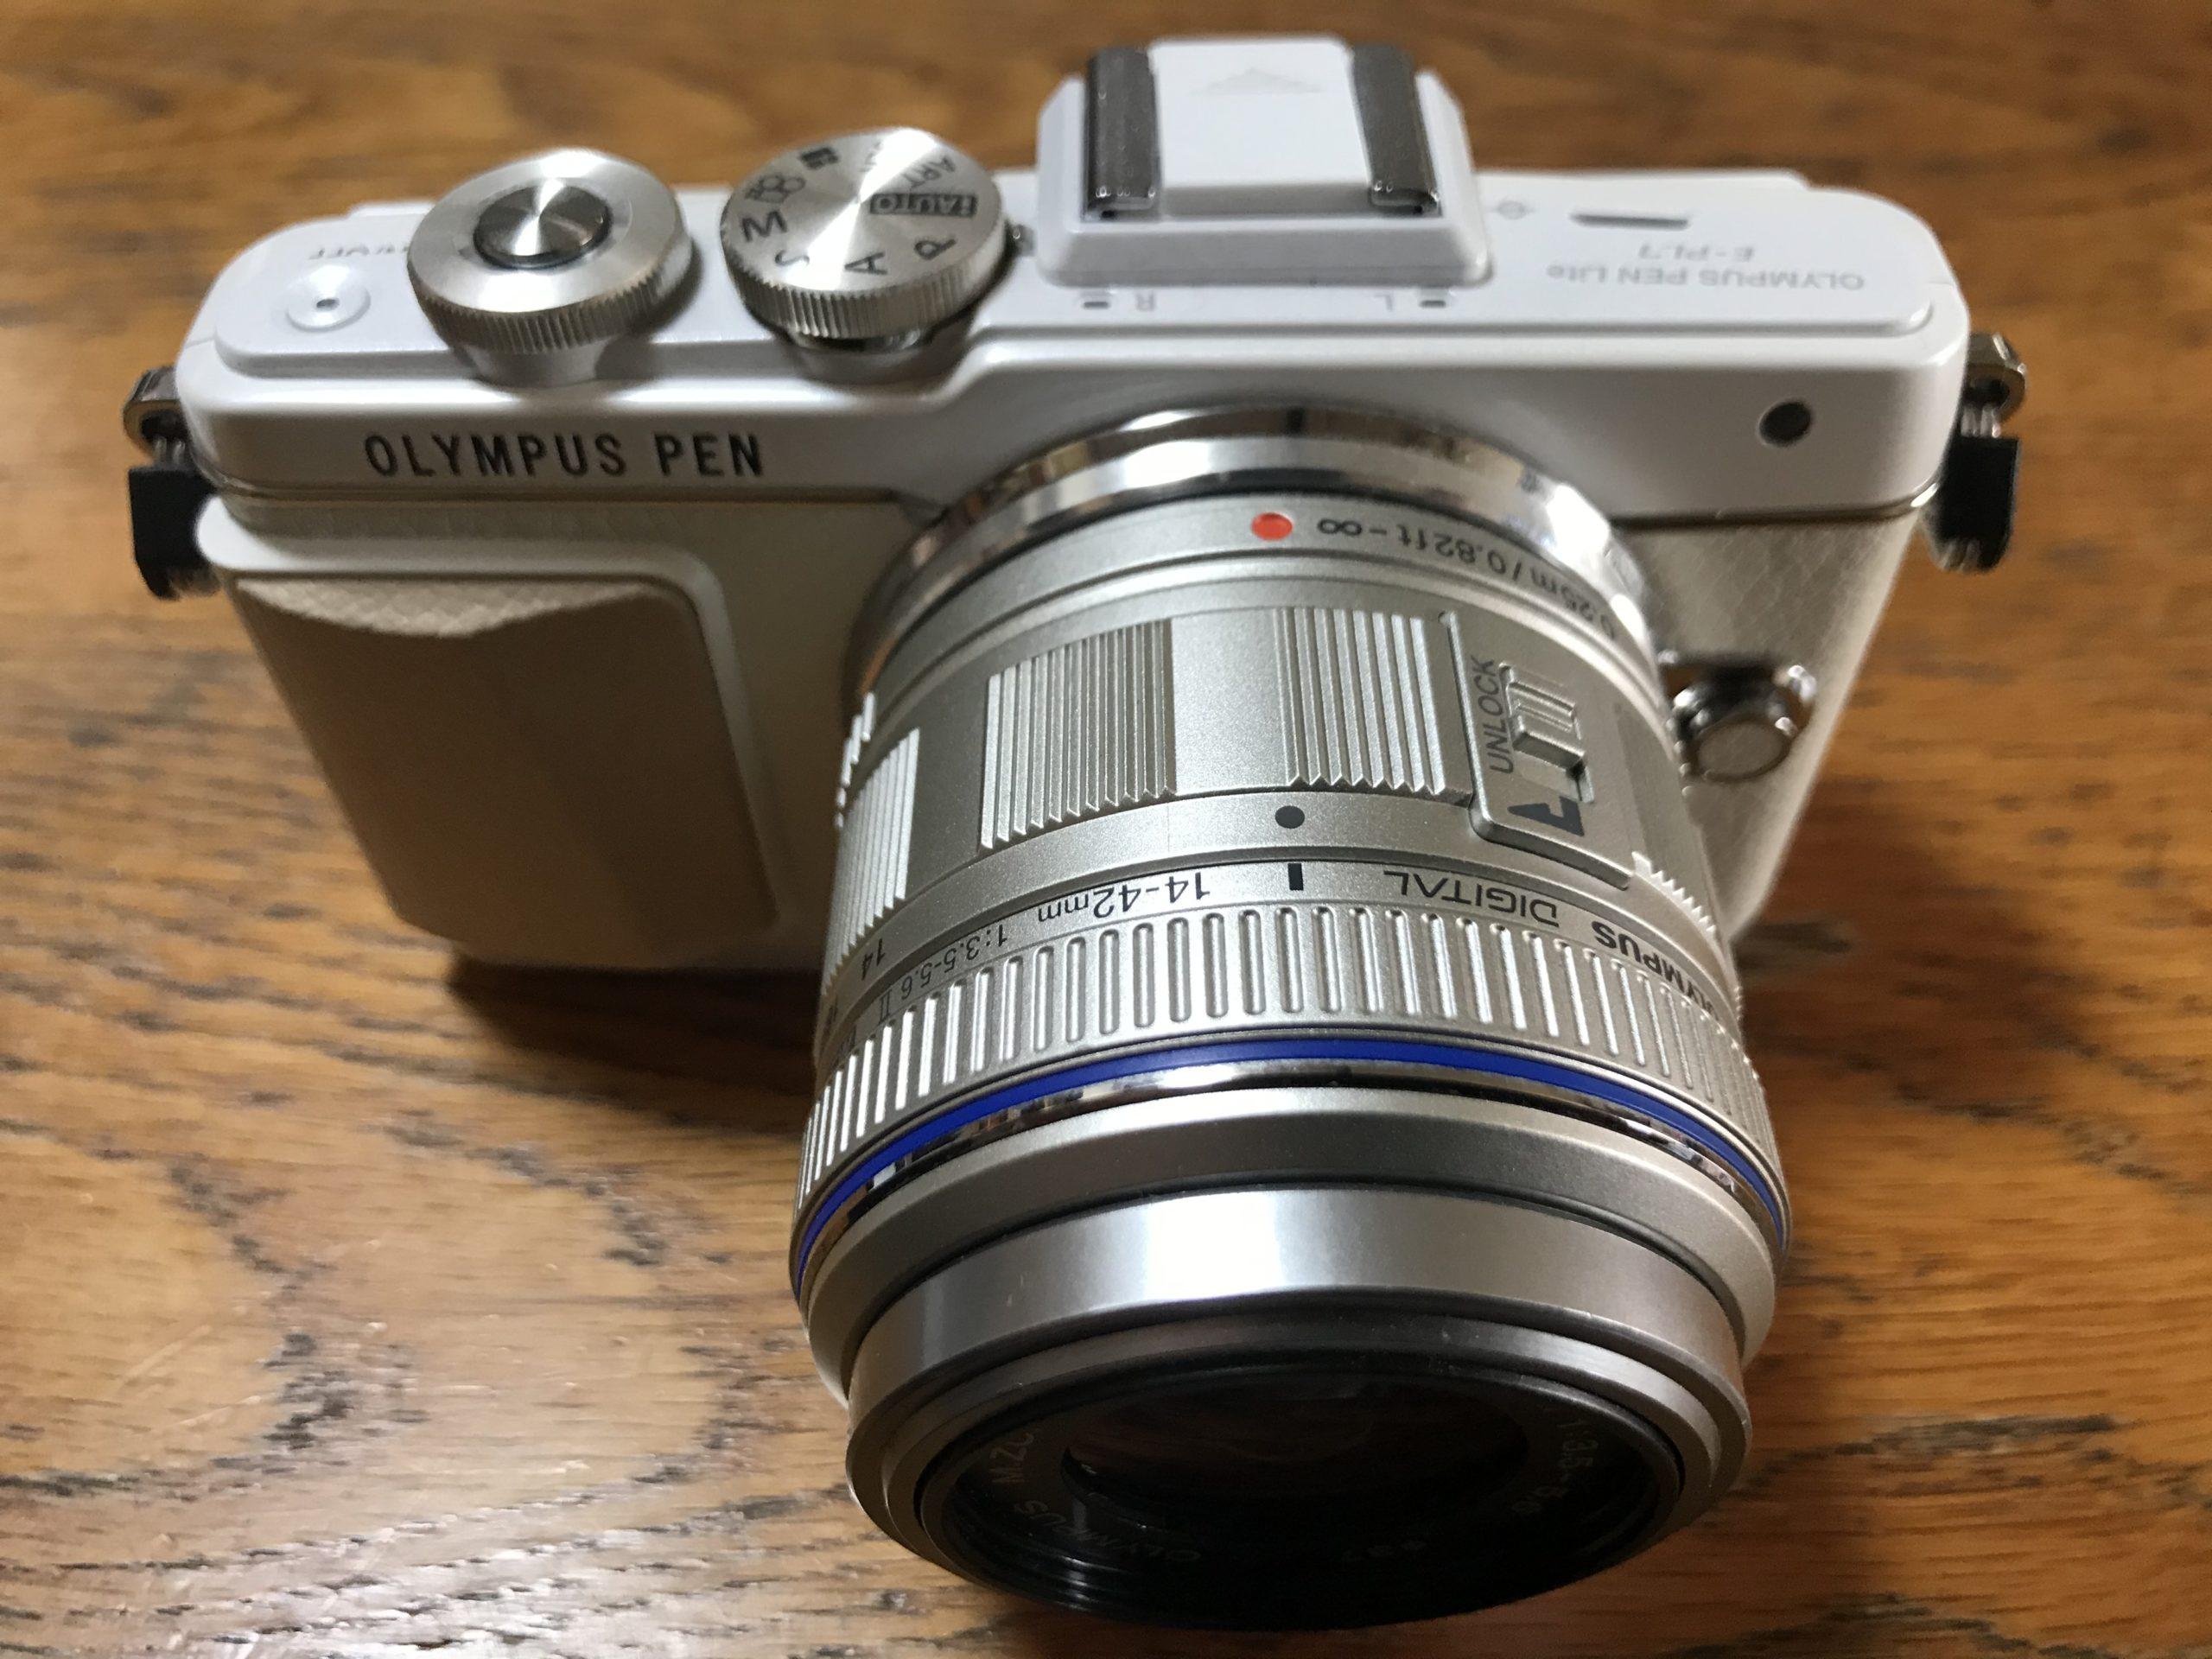 メルカリで売れる商品写真の撮り方【スマホで実践可能】